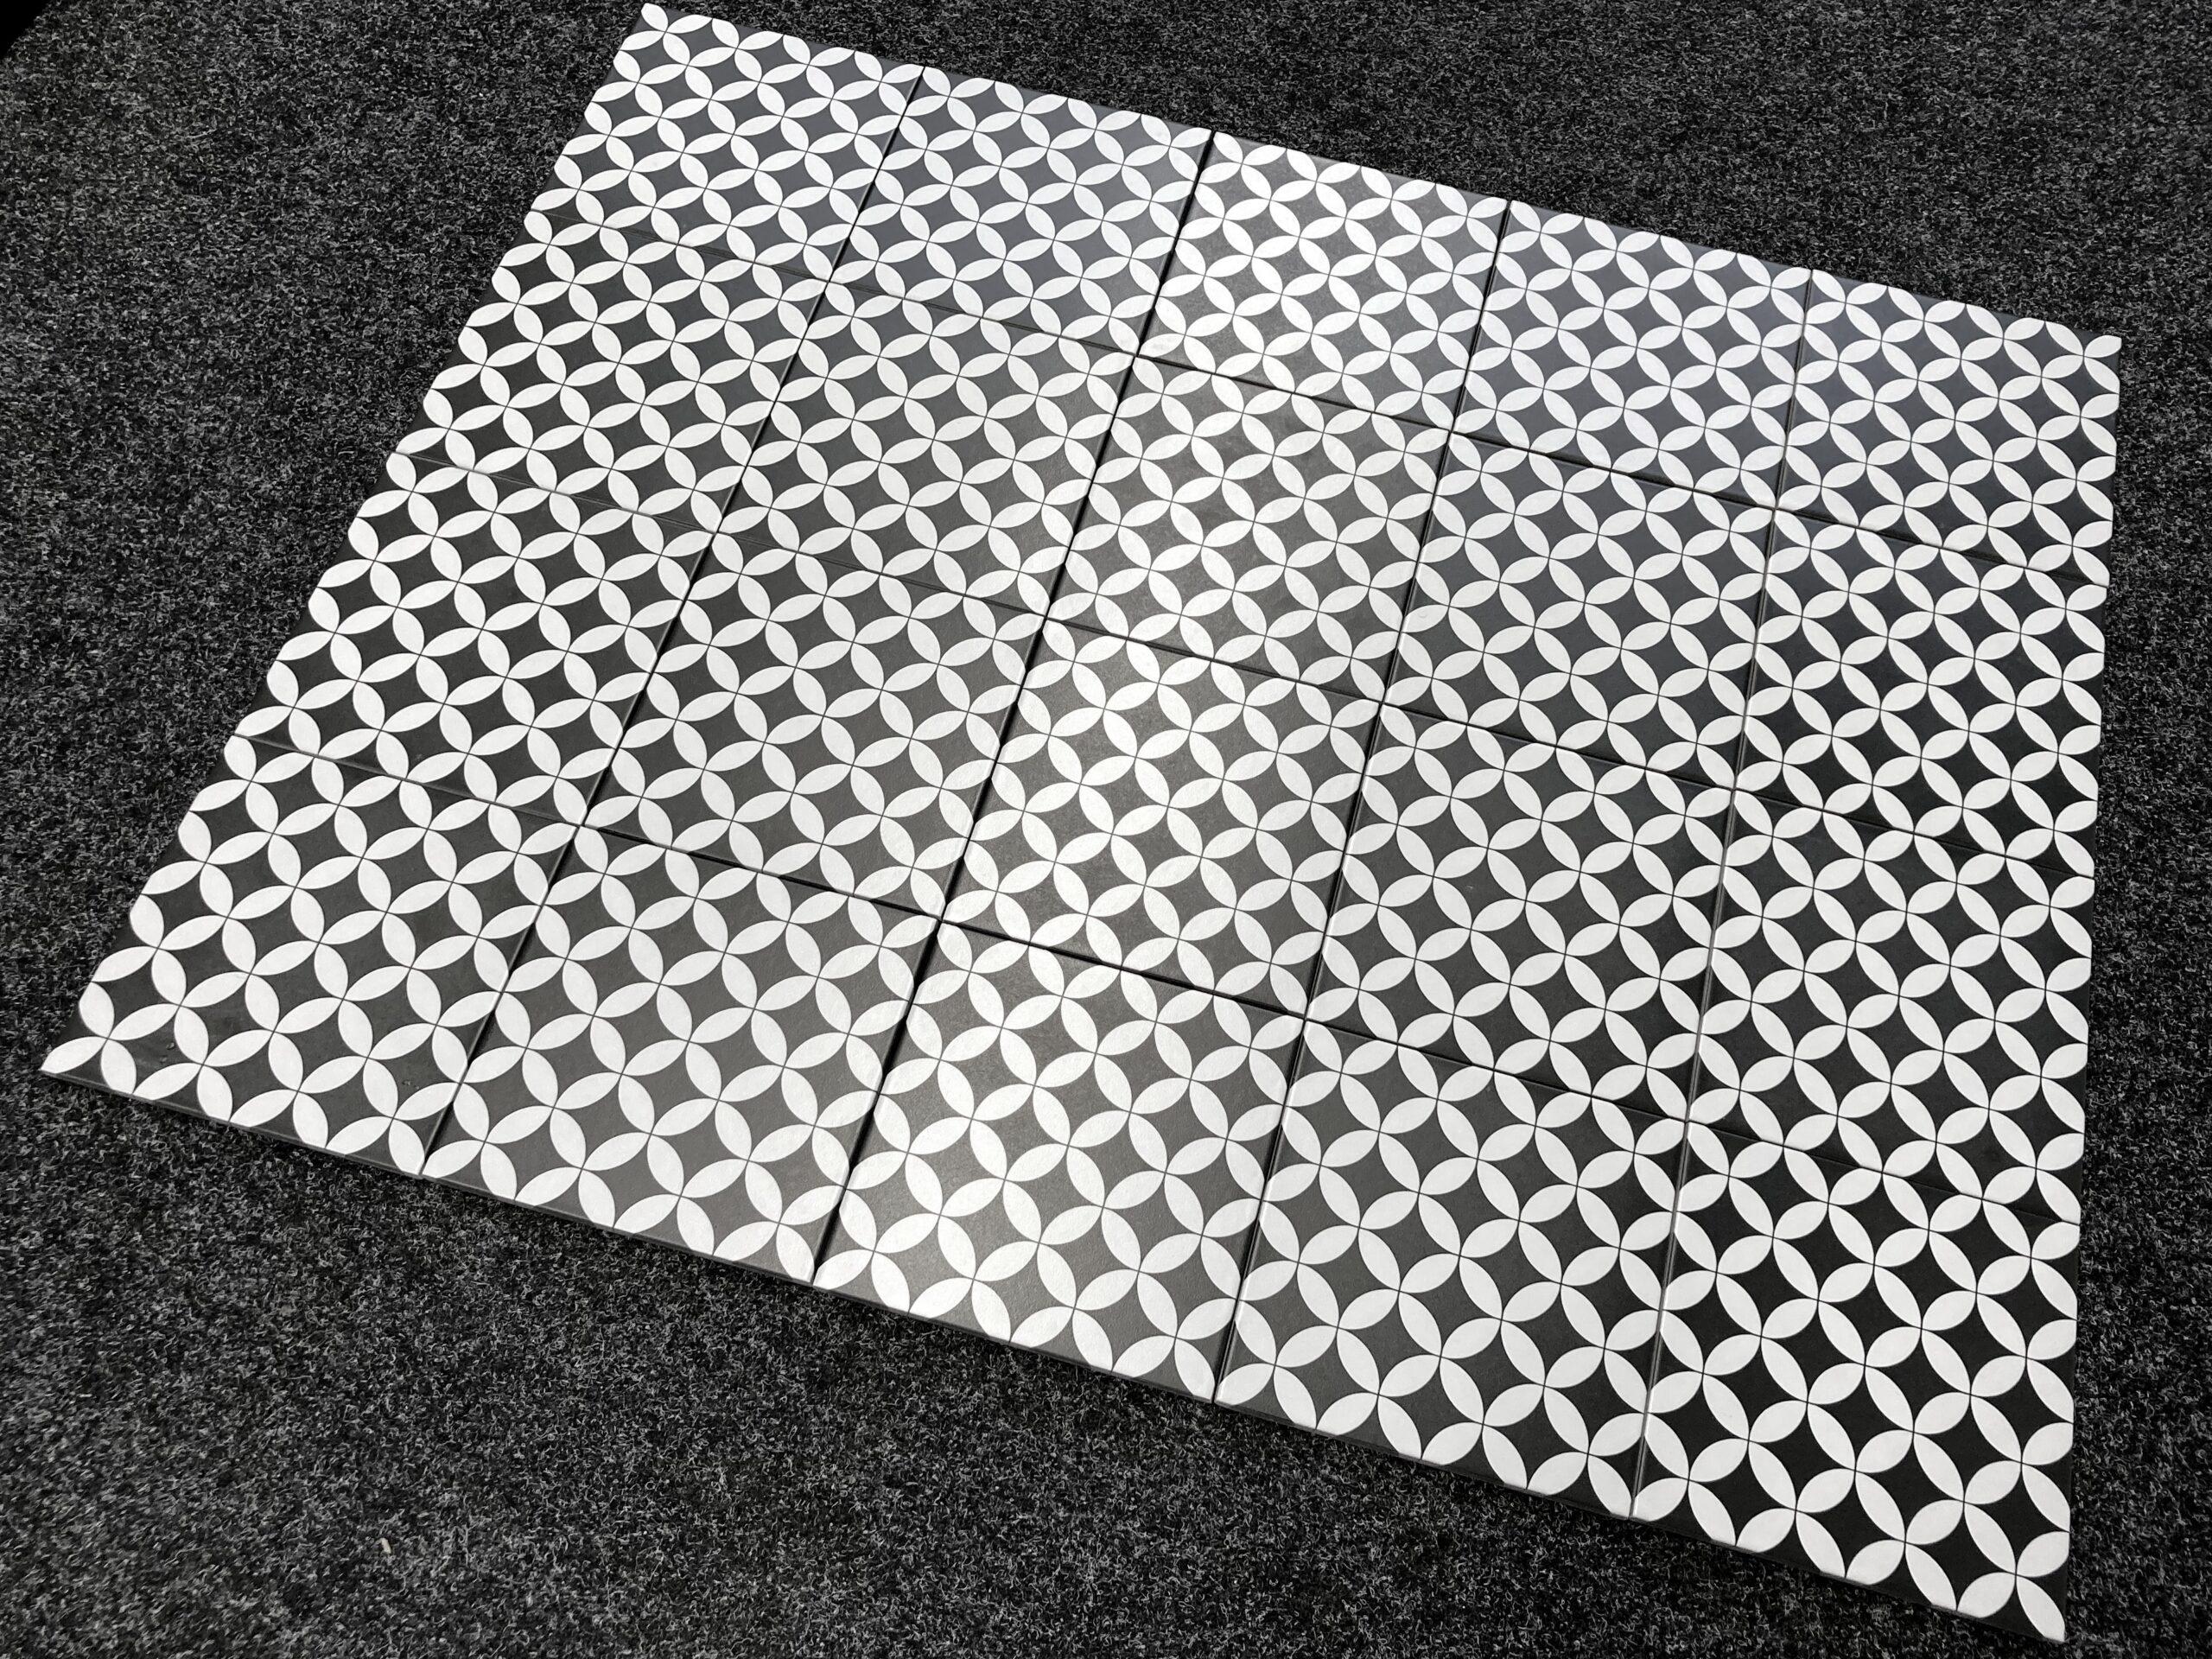 gres patchwork czarno białe kółka